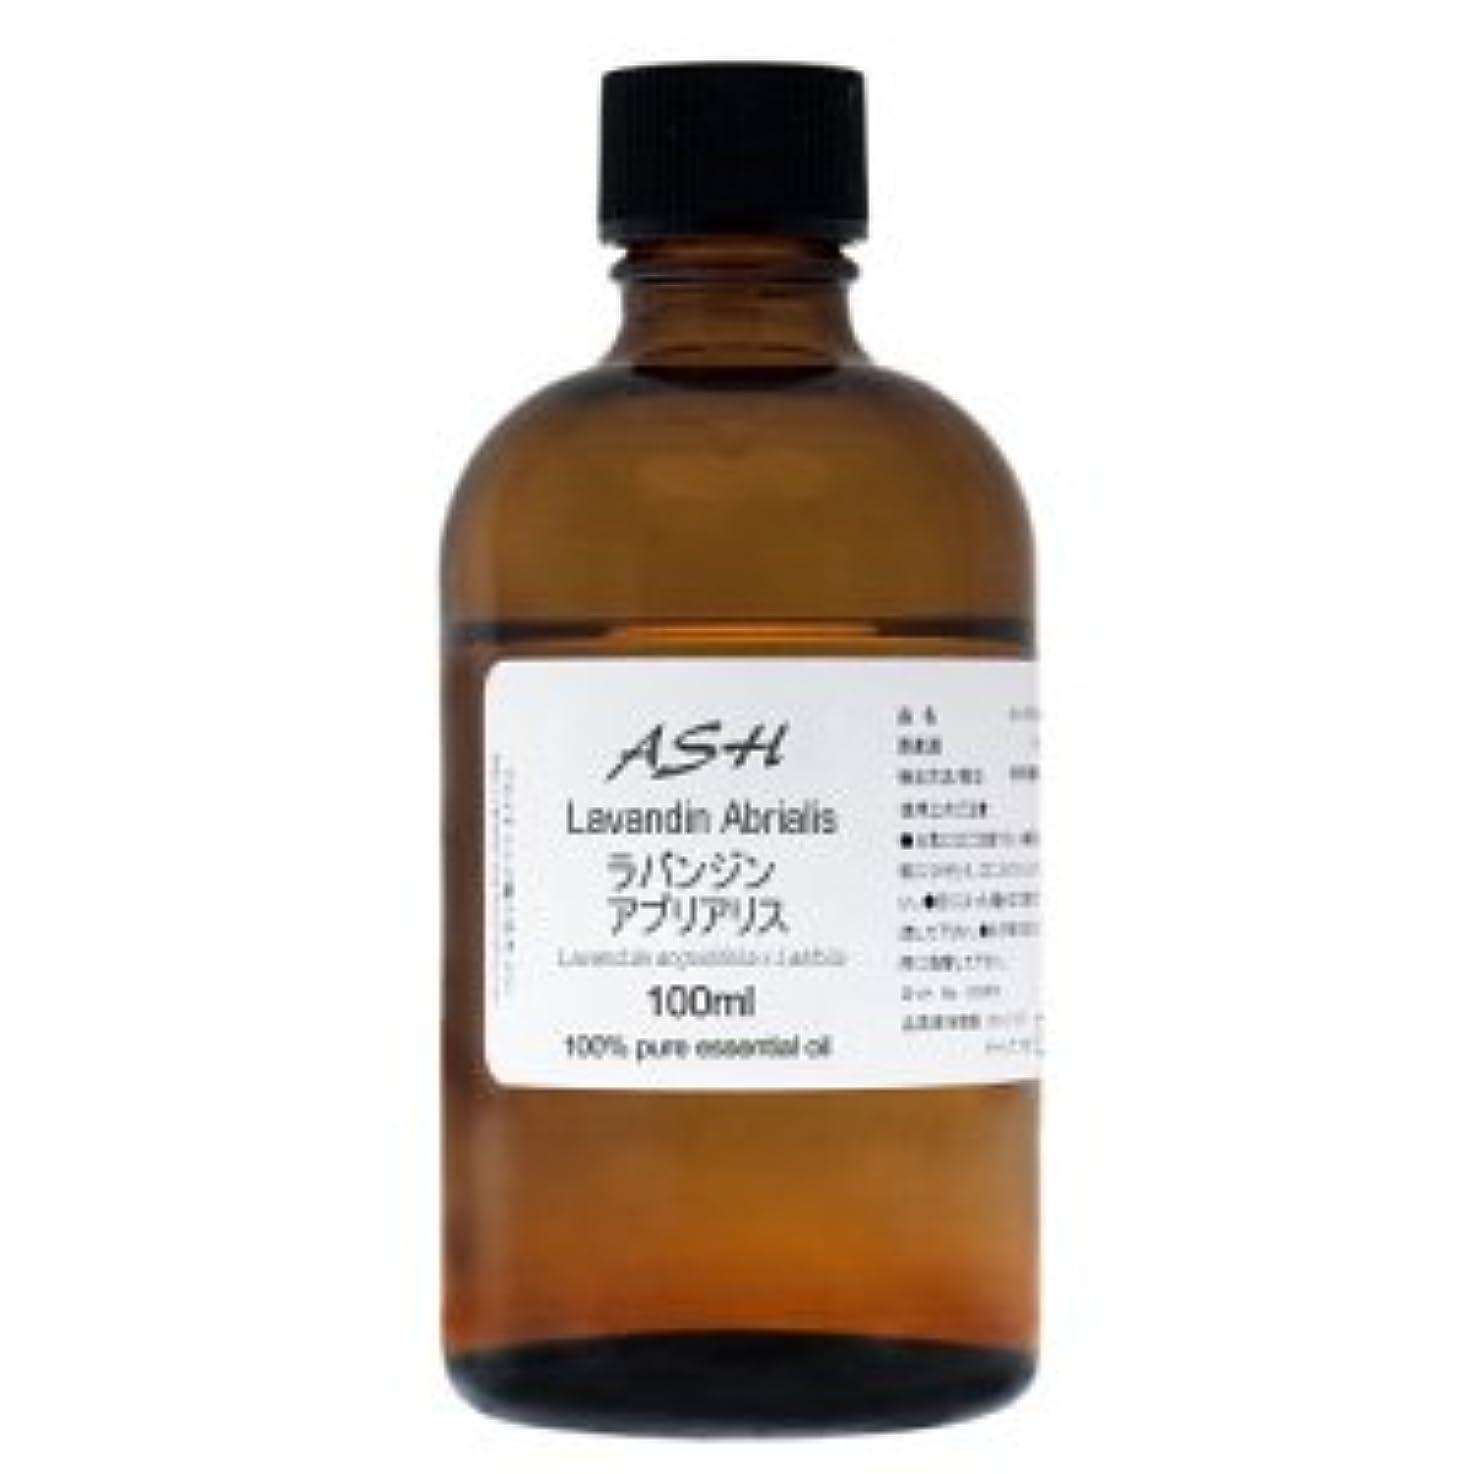 記念日旅行者より良いASH ラバンジン アブリアリス エッセンシャルオイル 100ml AEAJ表示基準適合認定精油